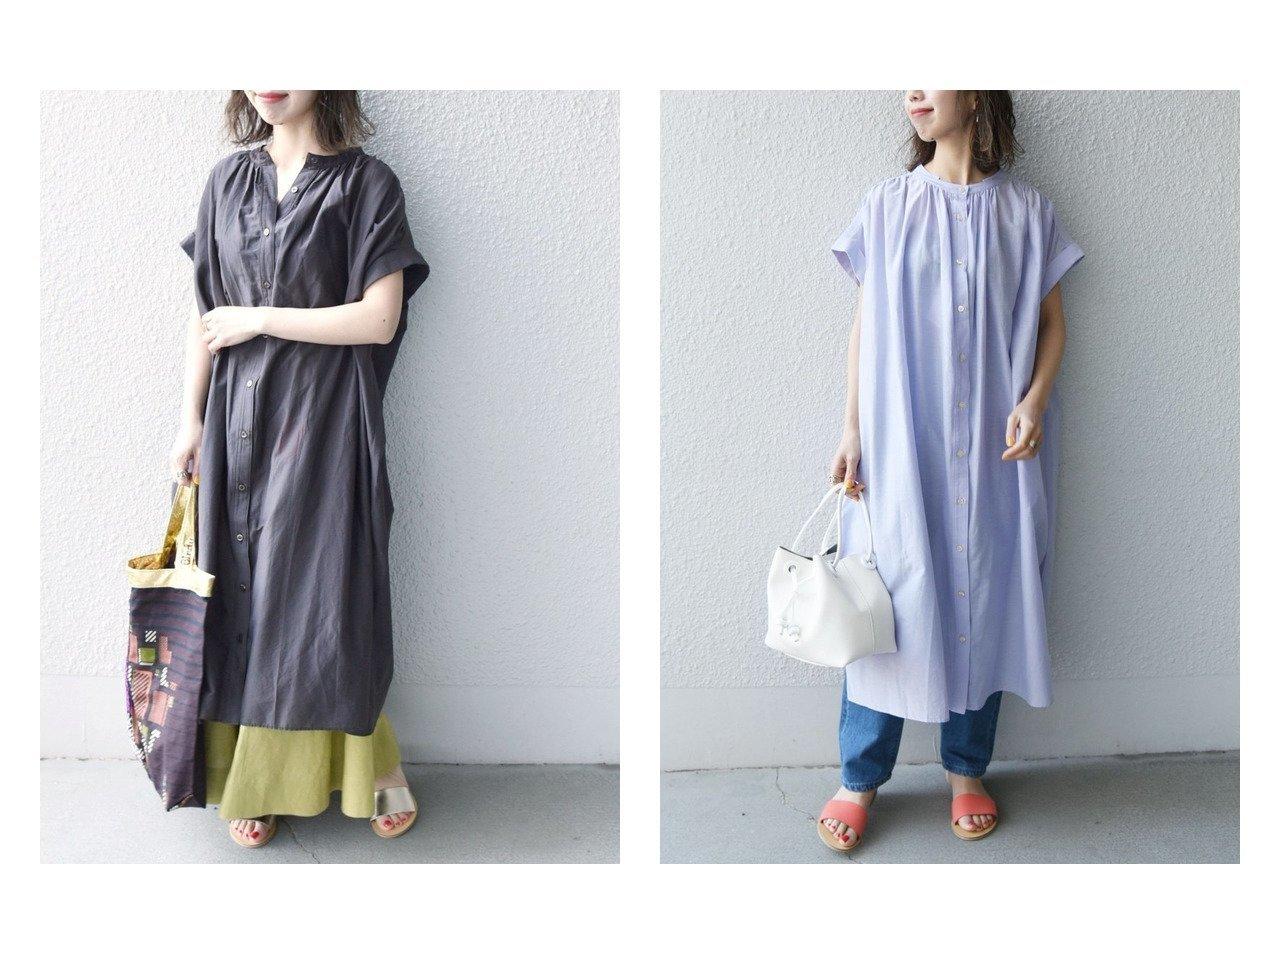 【SHIPS any/シップス エニィ】のSHIPS any シルク ギャザー ロング シャツワンピース ウォッシャブル 【ワンピース・ドレス】おすすめ!人気、トレンド・レディースファッションの通販 おすすめで人気の流行・トレンド、ファッションの通販商品 メンズファッション・キッズファッション・インテリア・家具・レディースファッション・服の通販 founy(ファニー) https://founy.com/ ファッション Fashion レディースファッション WOMEN ワンピース Dress シャツワンピース Shirt Dresses ウォッシャブル 春 Spring ギャザー サンダル シューズ シルク フラット フロント ラベンダー ルーズ ロング S/S・春夏 SS・Spring/Summer  ID:crp329100000035563